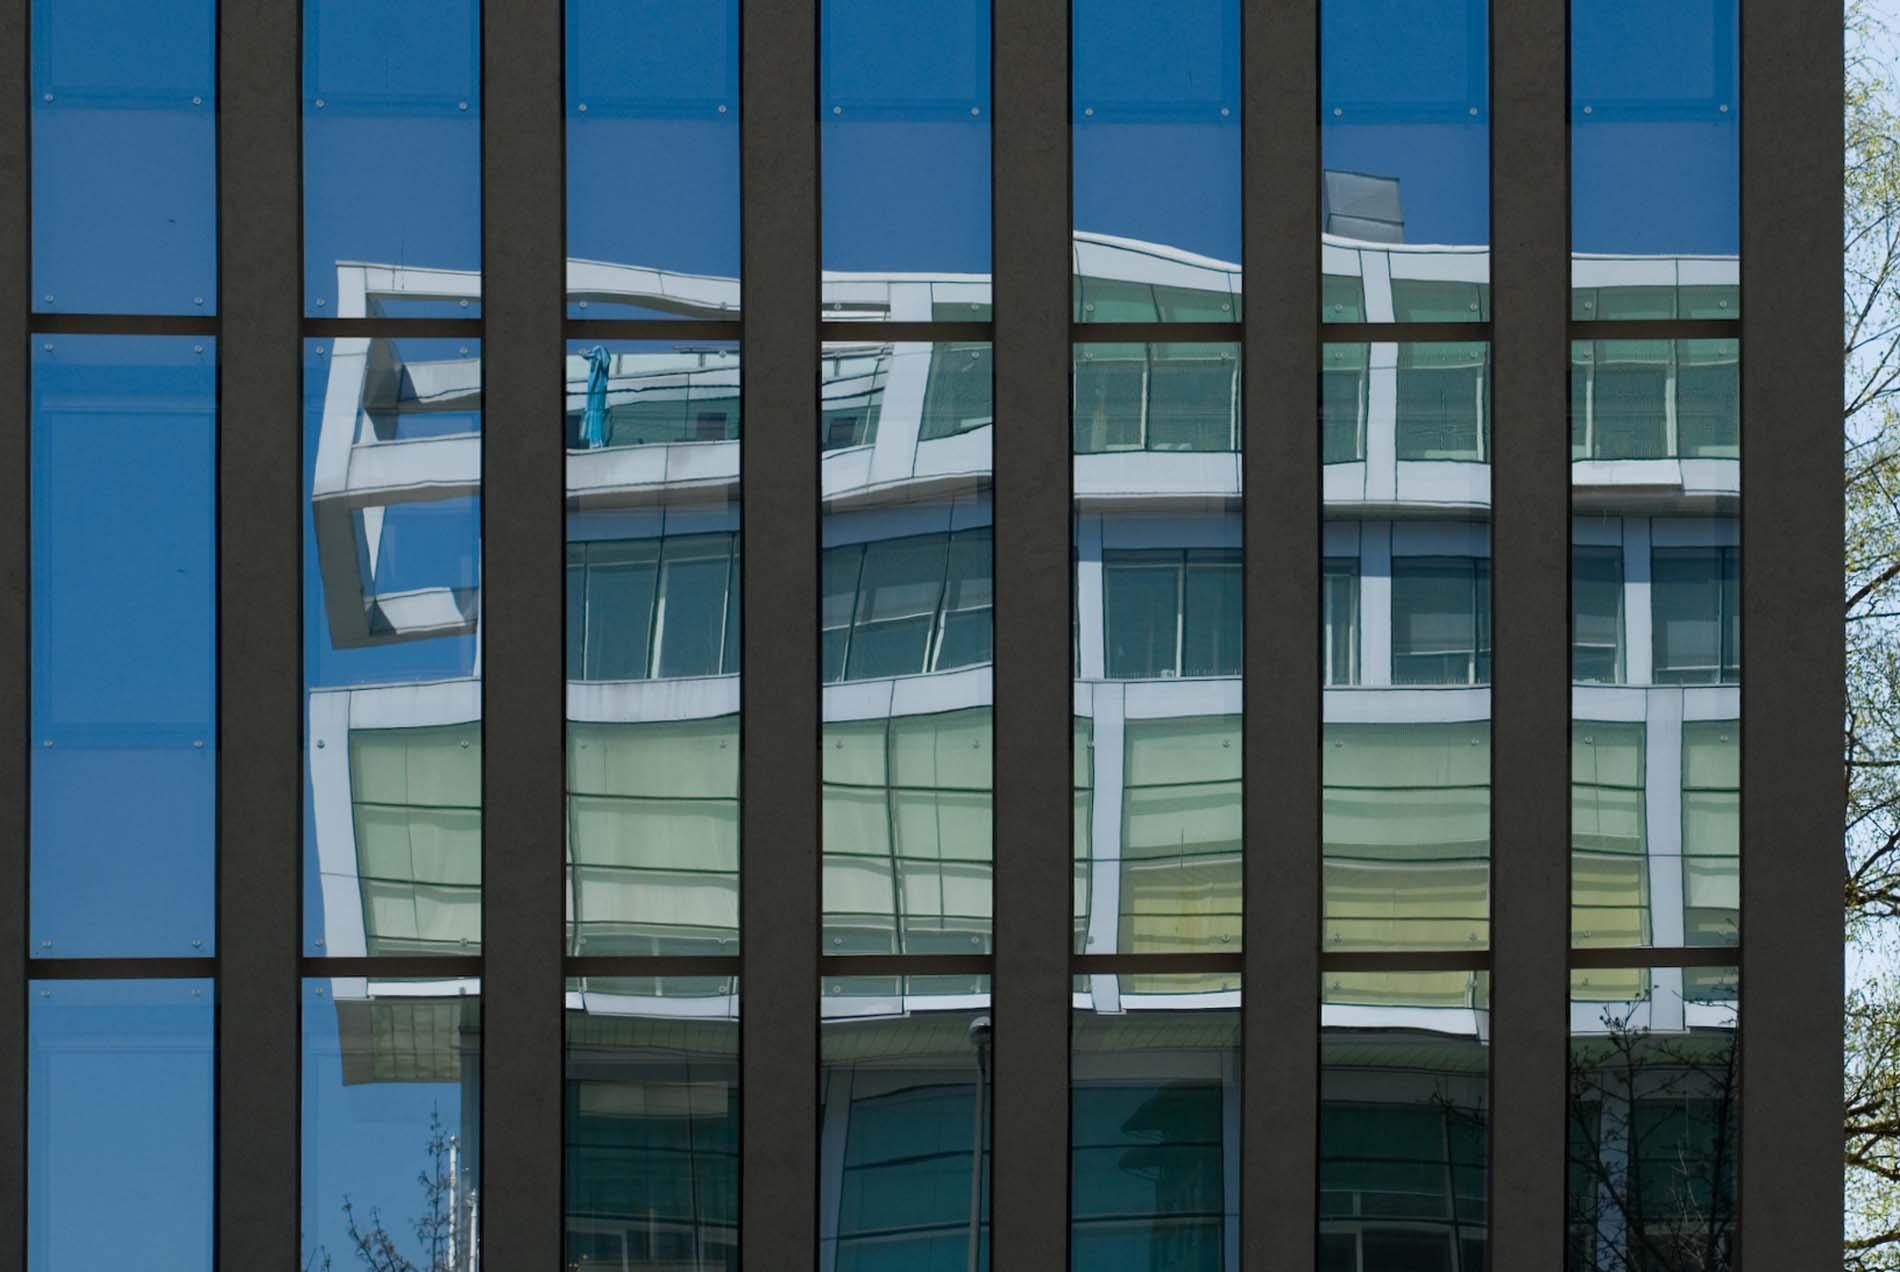 Gespiegelt. Das bereits erwähnte wichtige slowenische Büro Sadar in Vuga arhitekti (auch Sadar+Vuga) hat das 1999 fertiggestellte Handelskammergebäude als